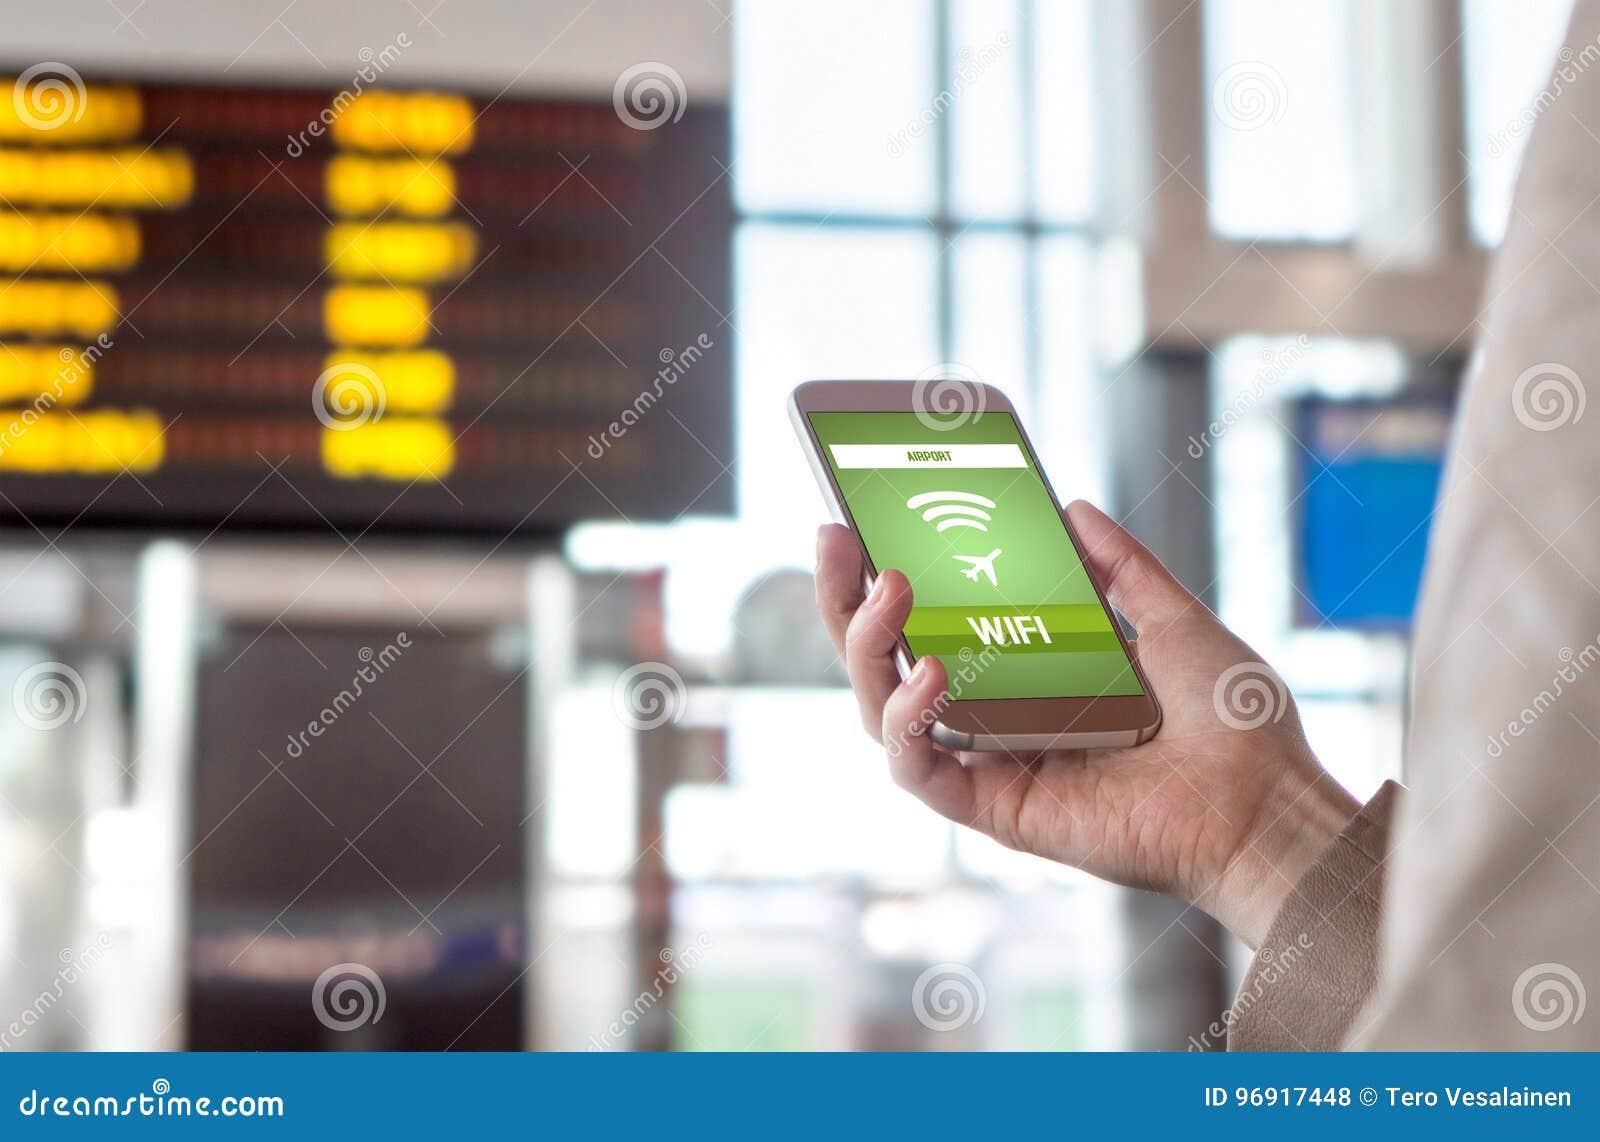 Lotniskowy wifi Bezpłatny bezprzewodowy połączenie z internetem w terminal